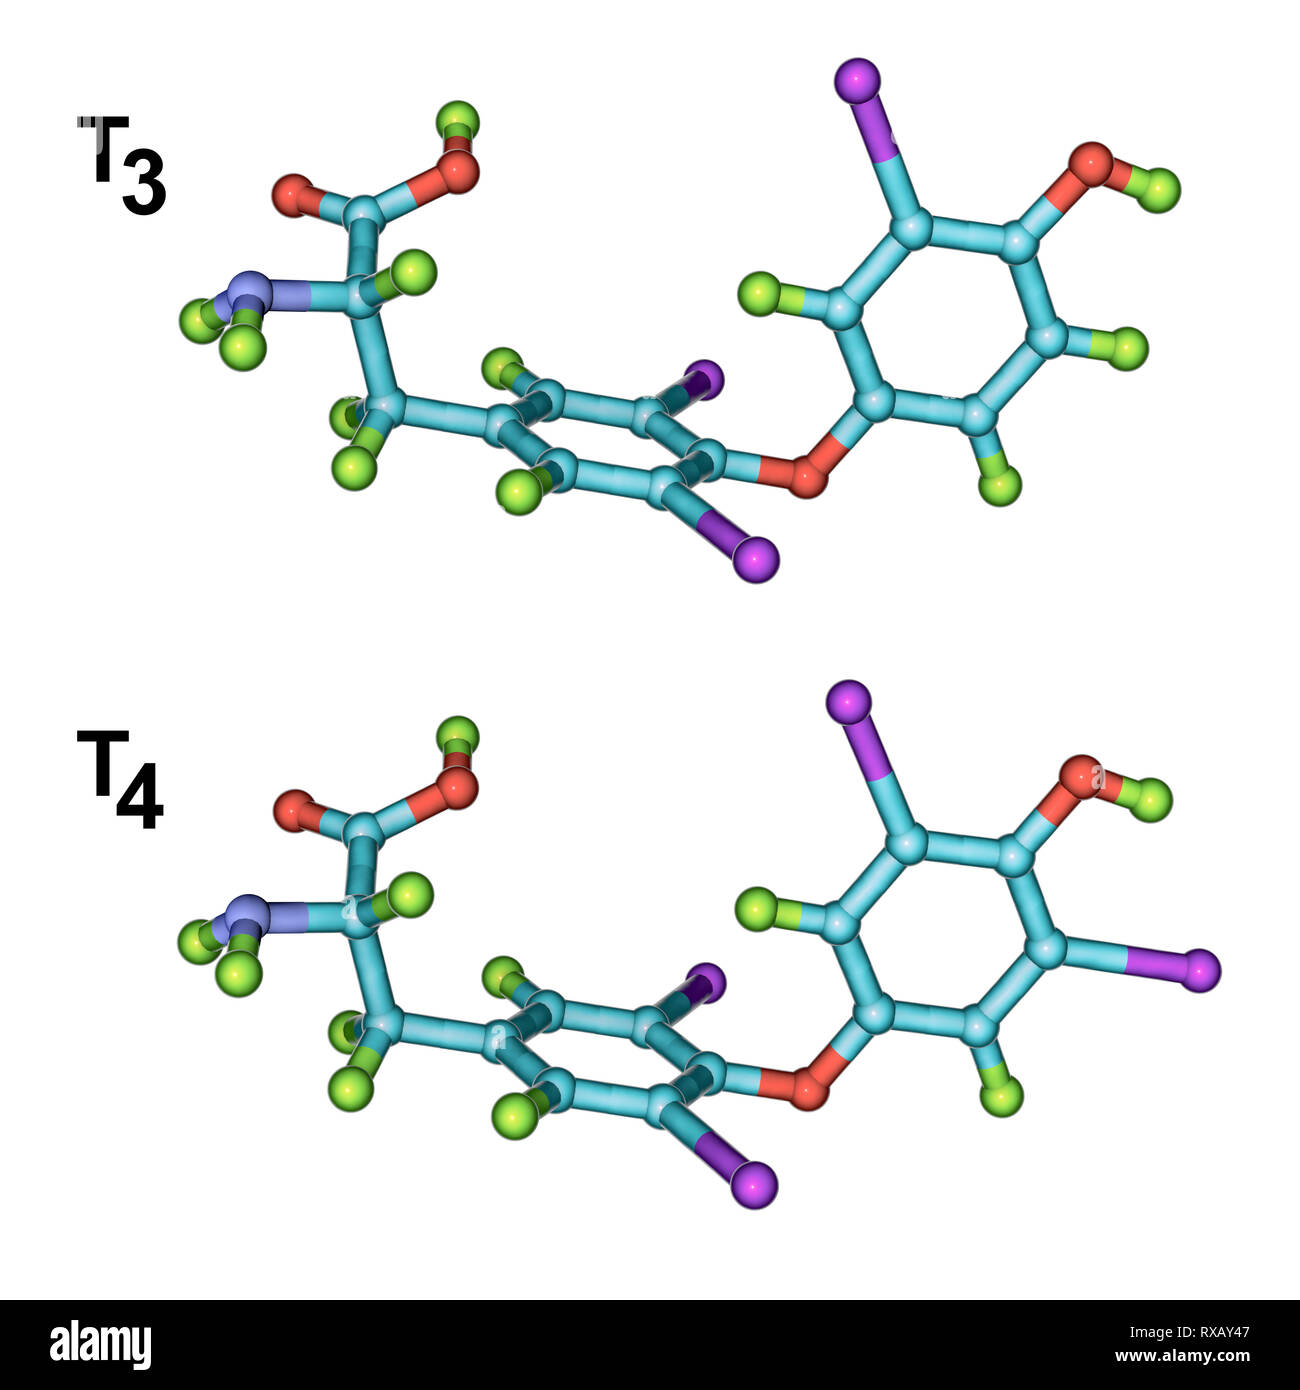 Triiodothyronine And Thyroxine Hormone Molecular Models Stock